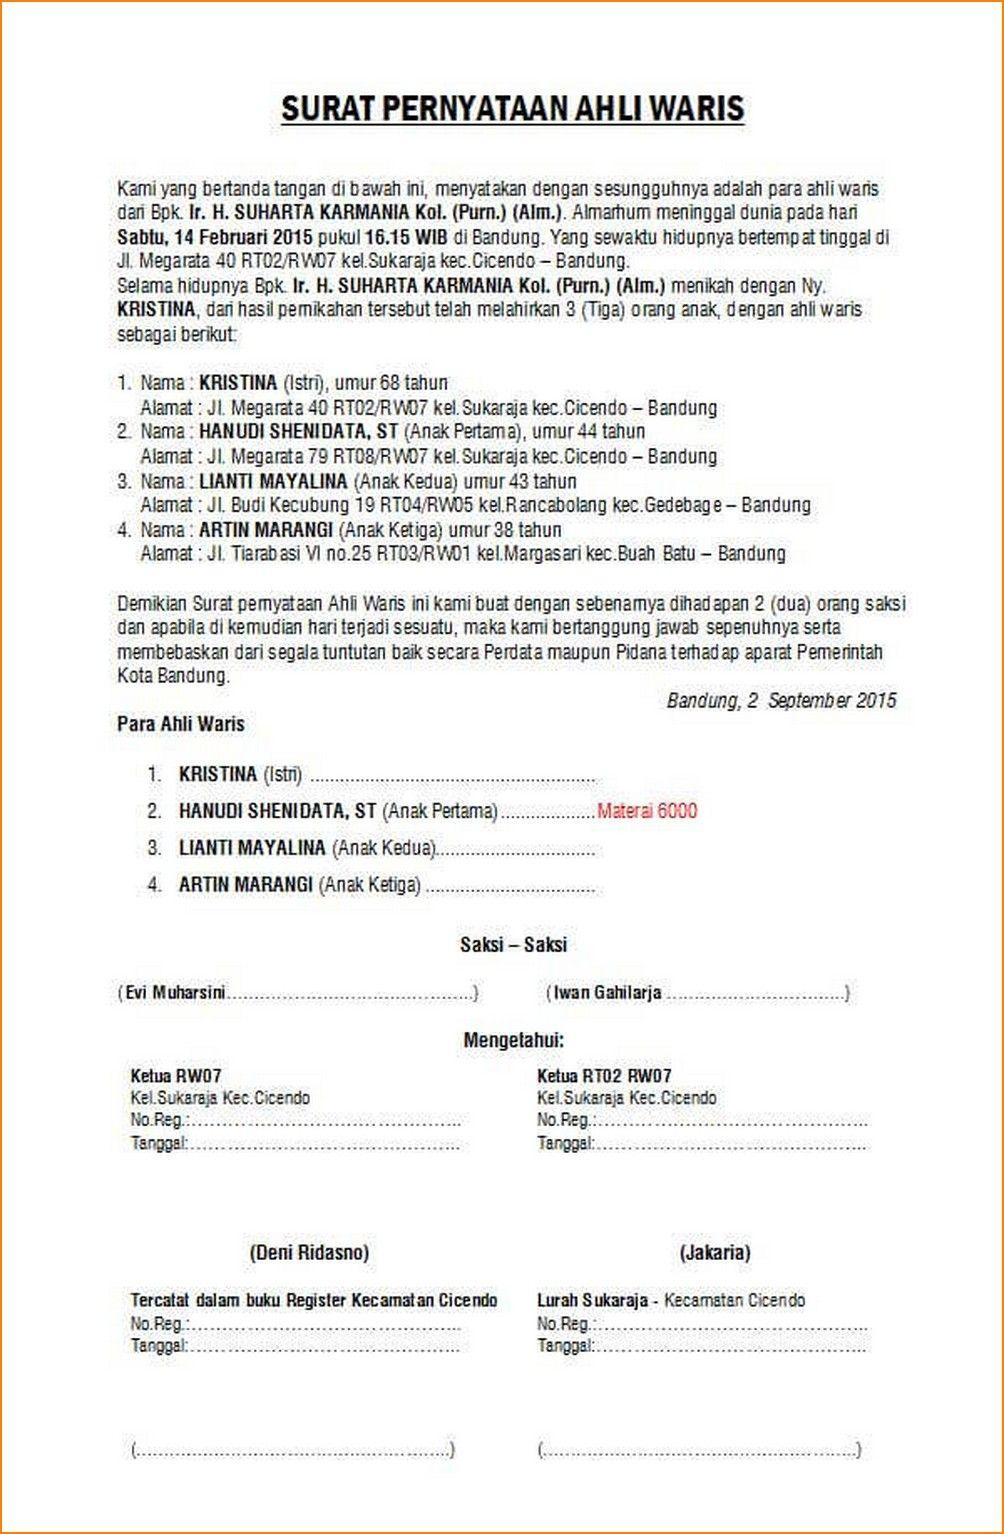 Surat kuasa umum dan khusus pidana